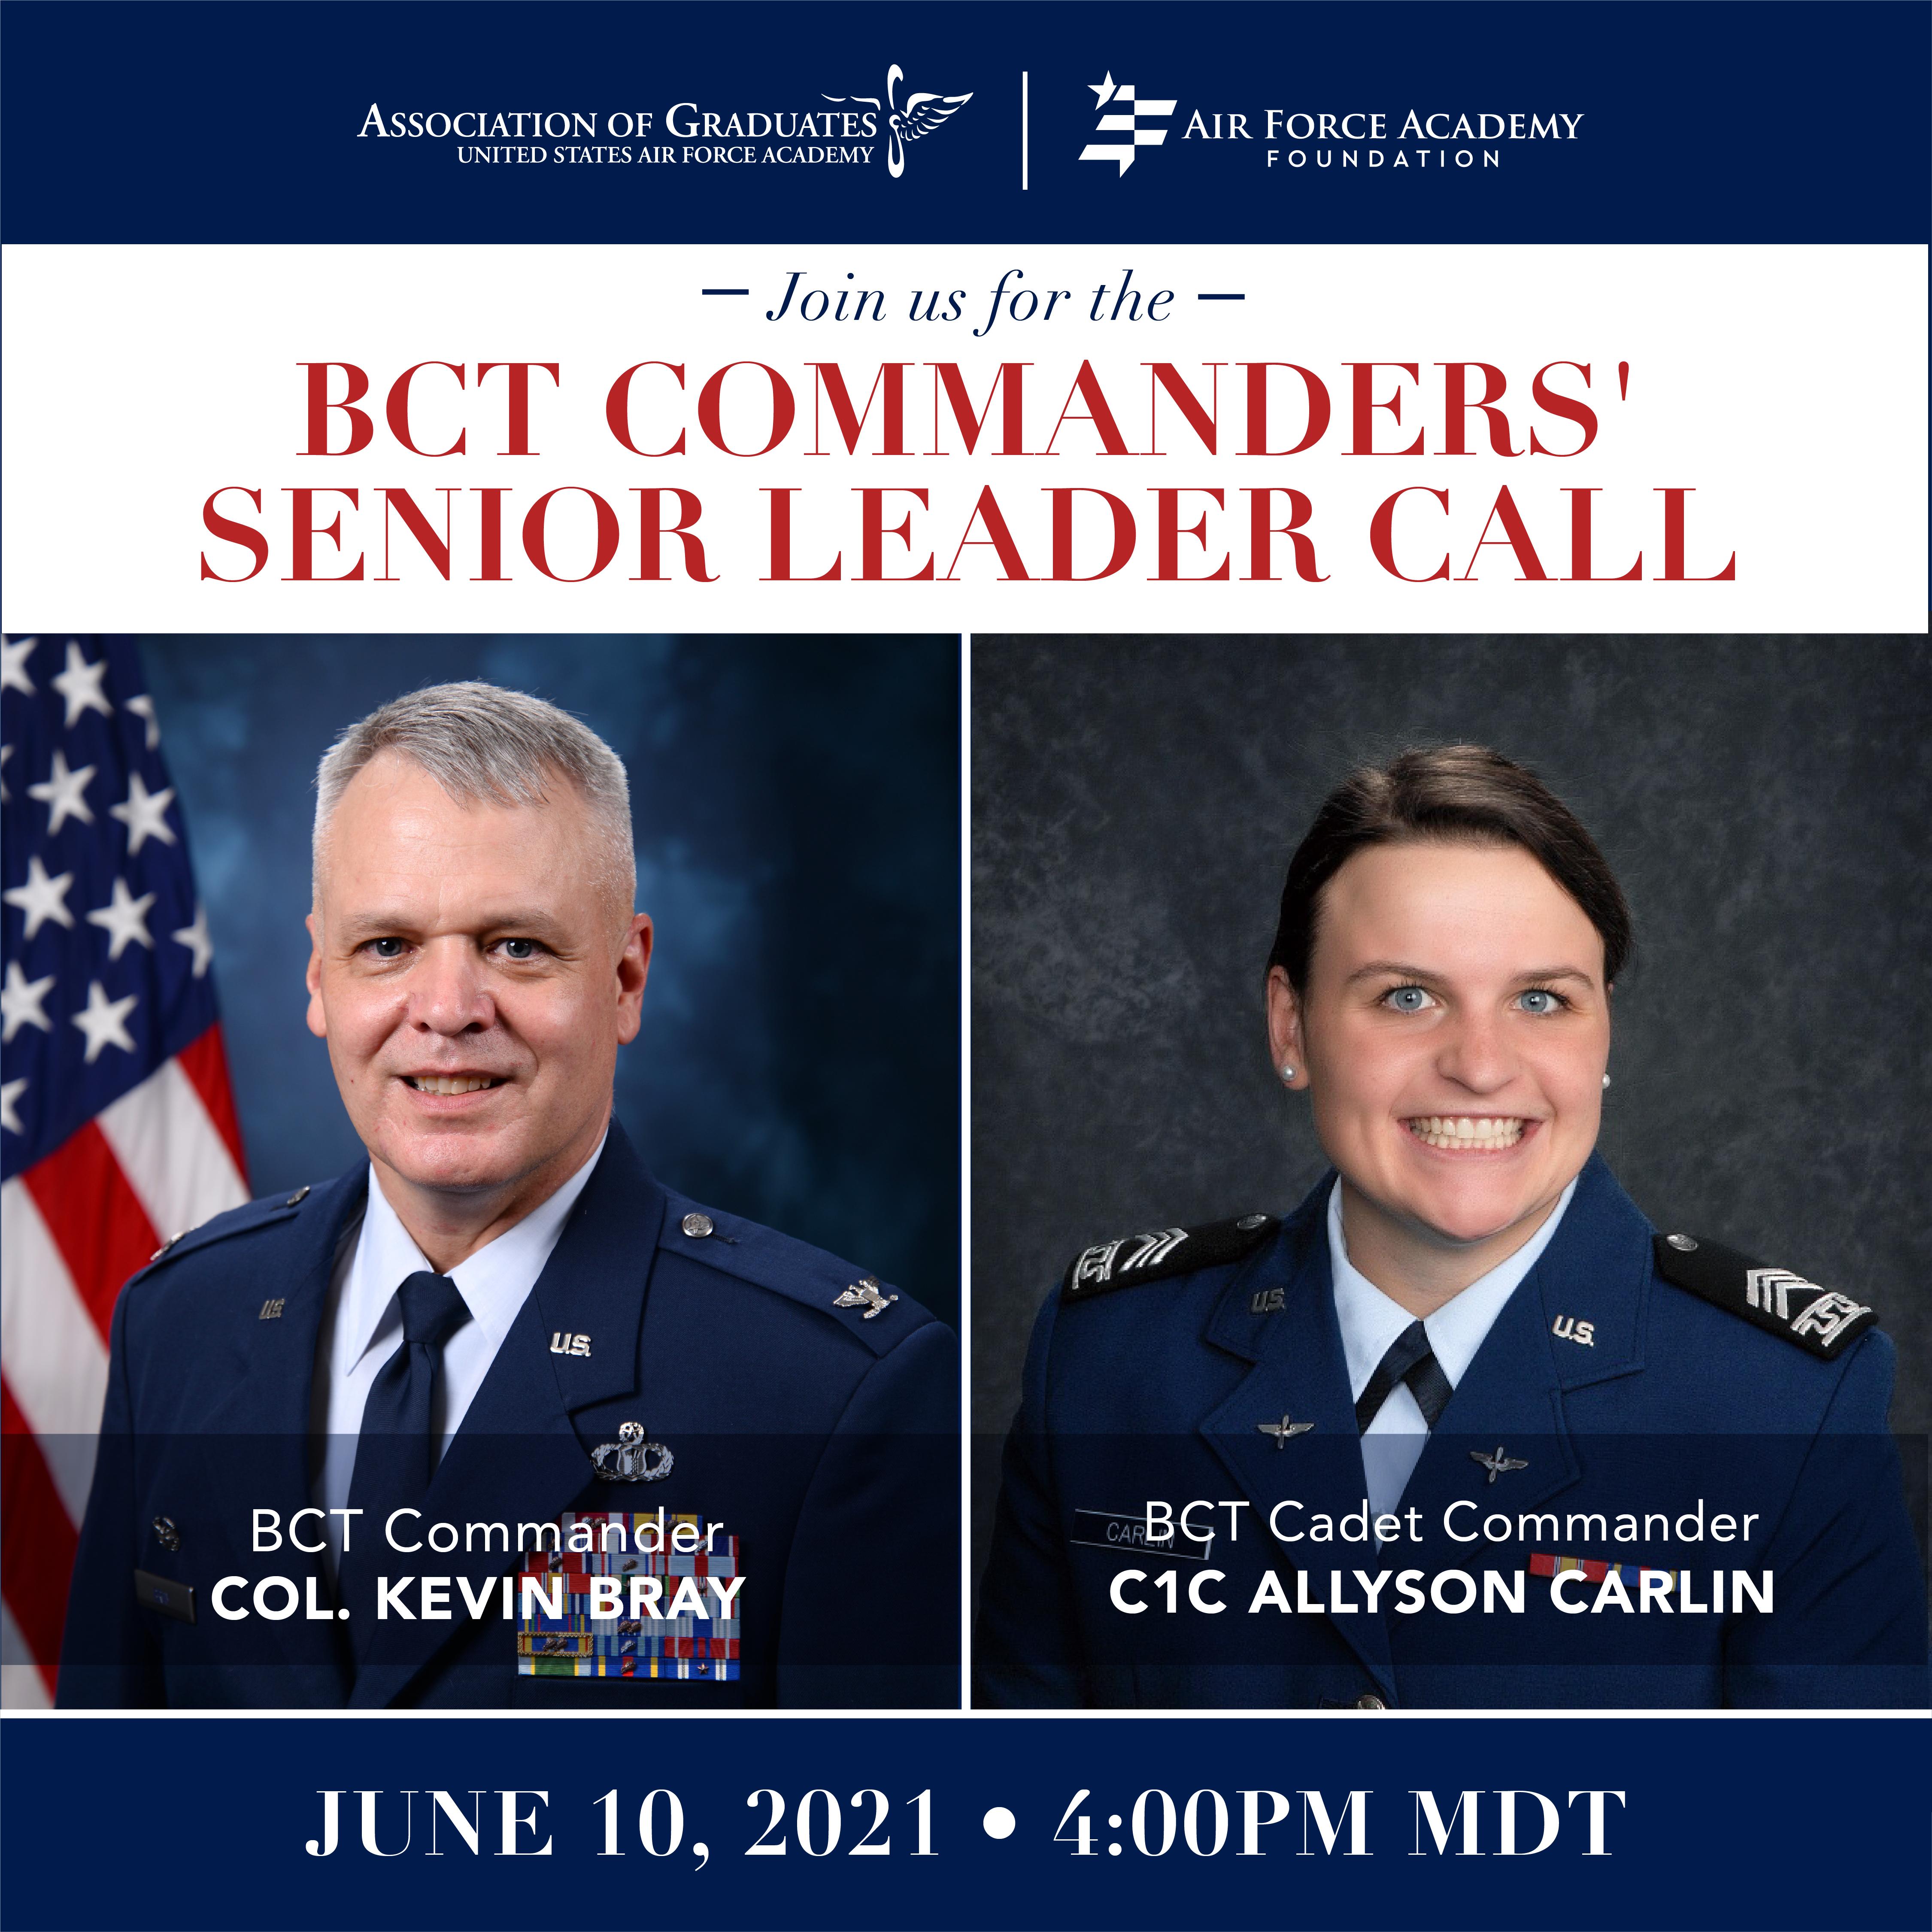 Image for BCT Commanders' Senior Leader Call webinar